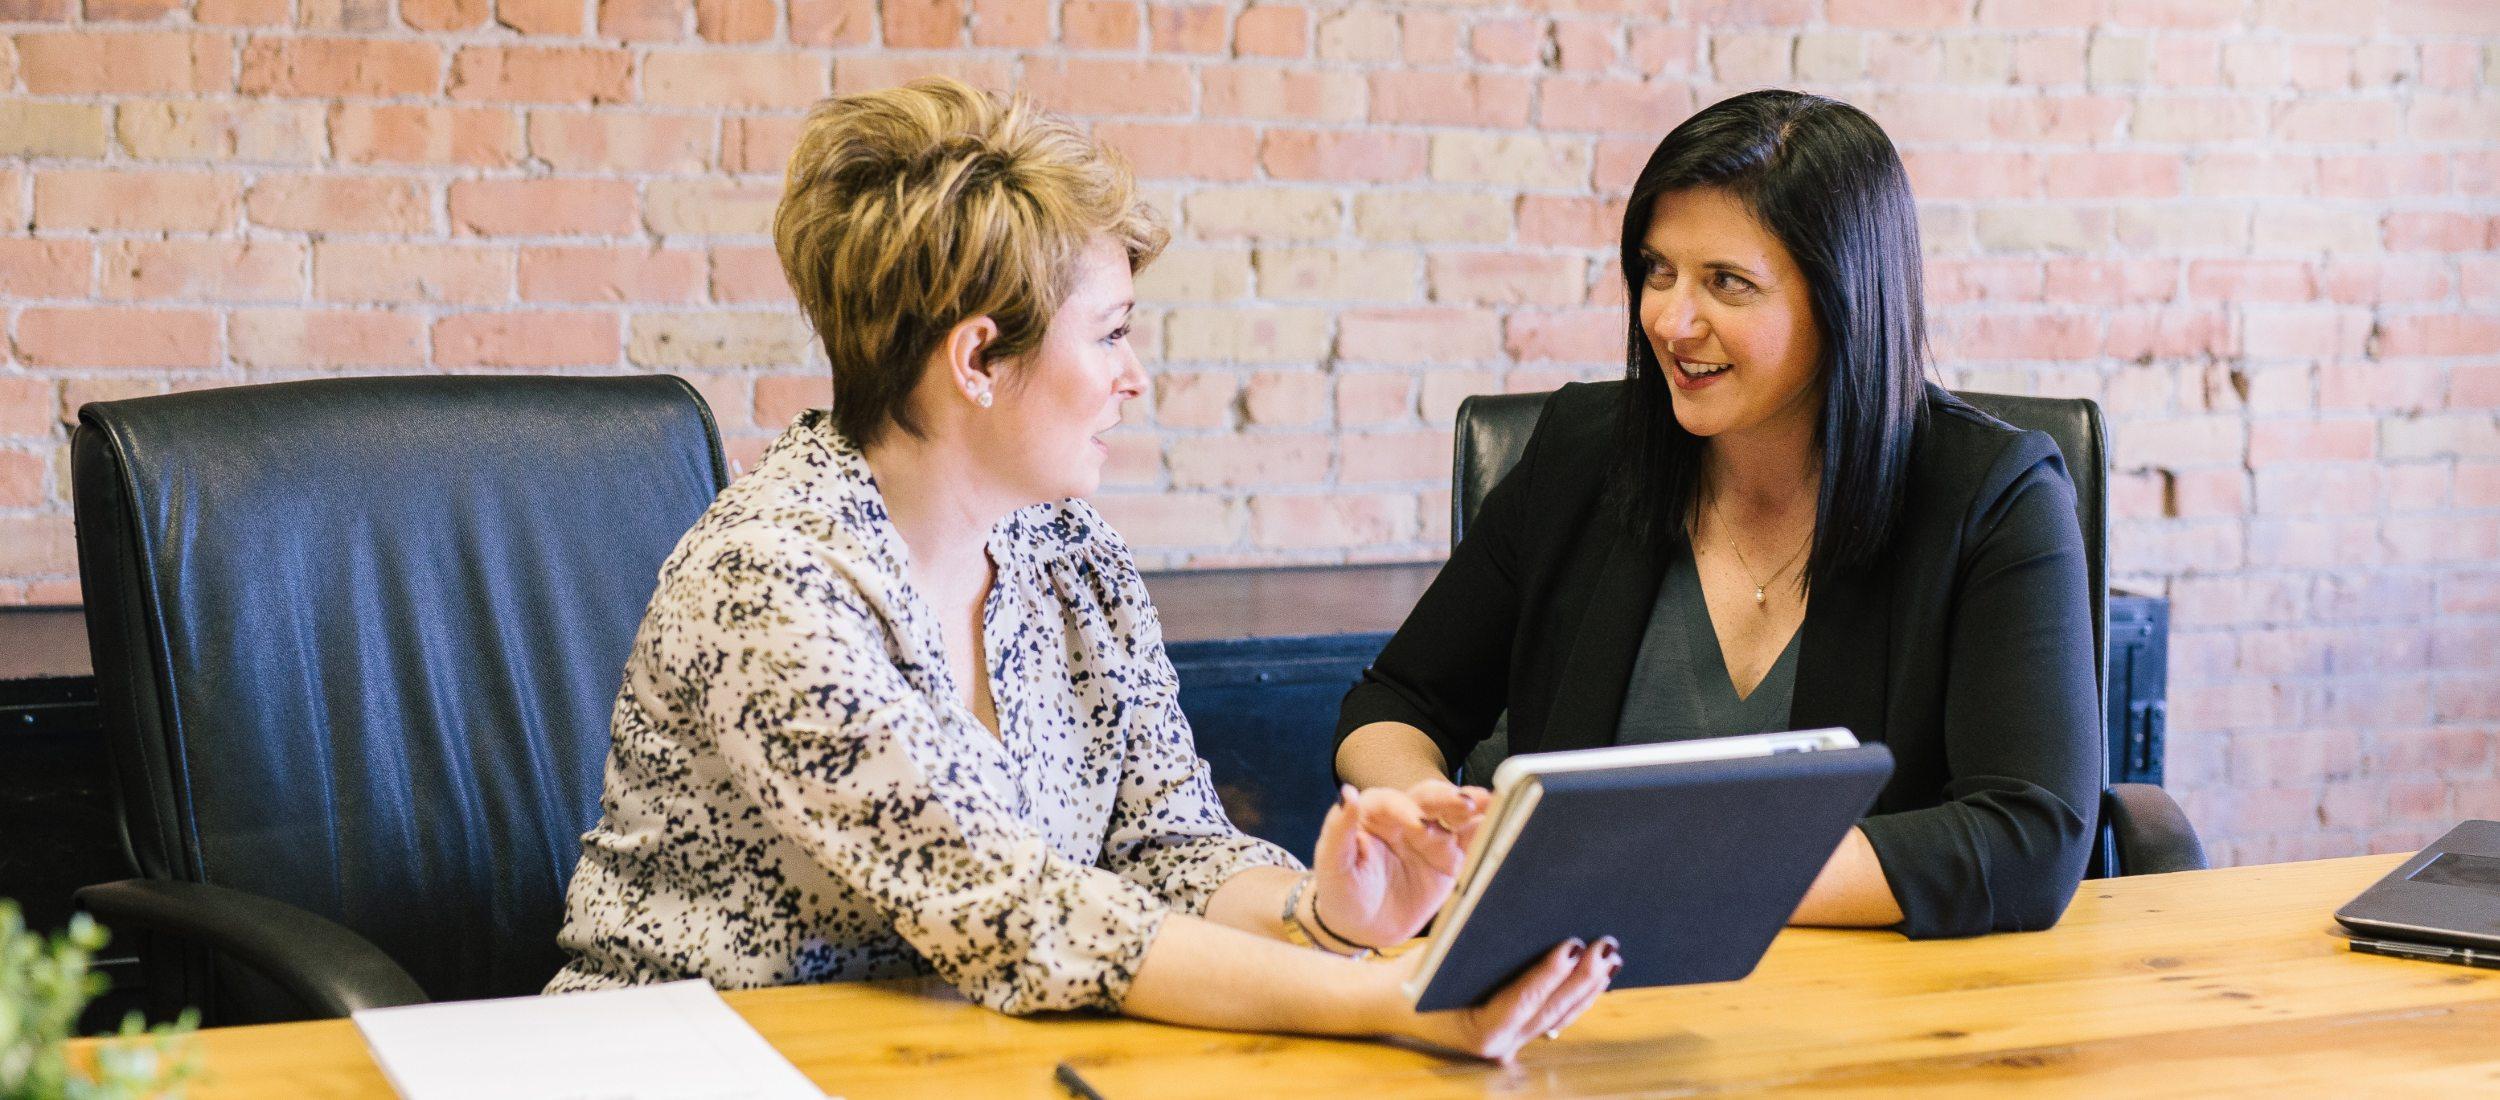 woman coaching an executive in Denver office depicting executive programs